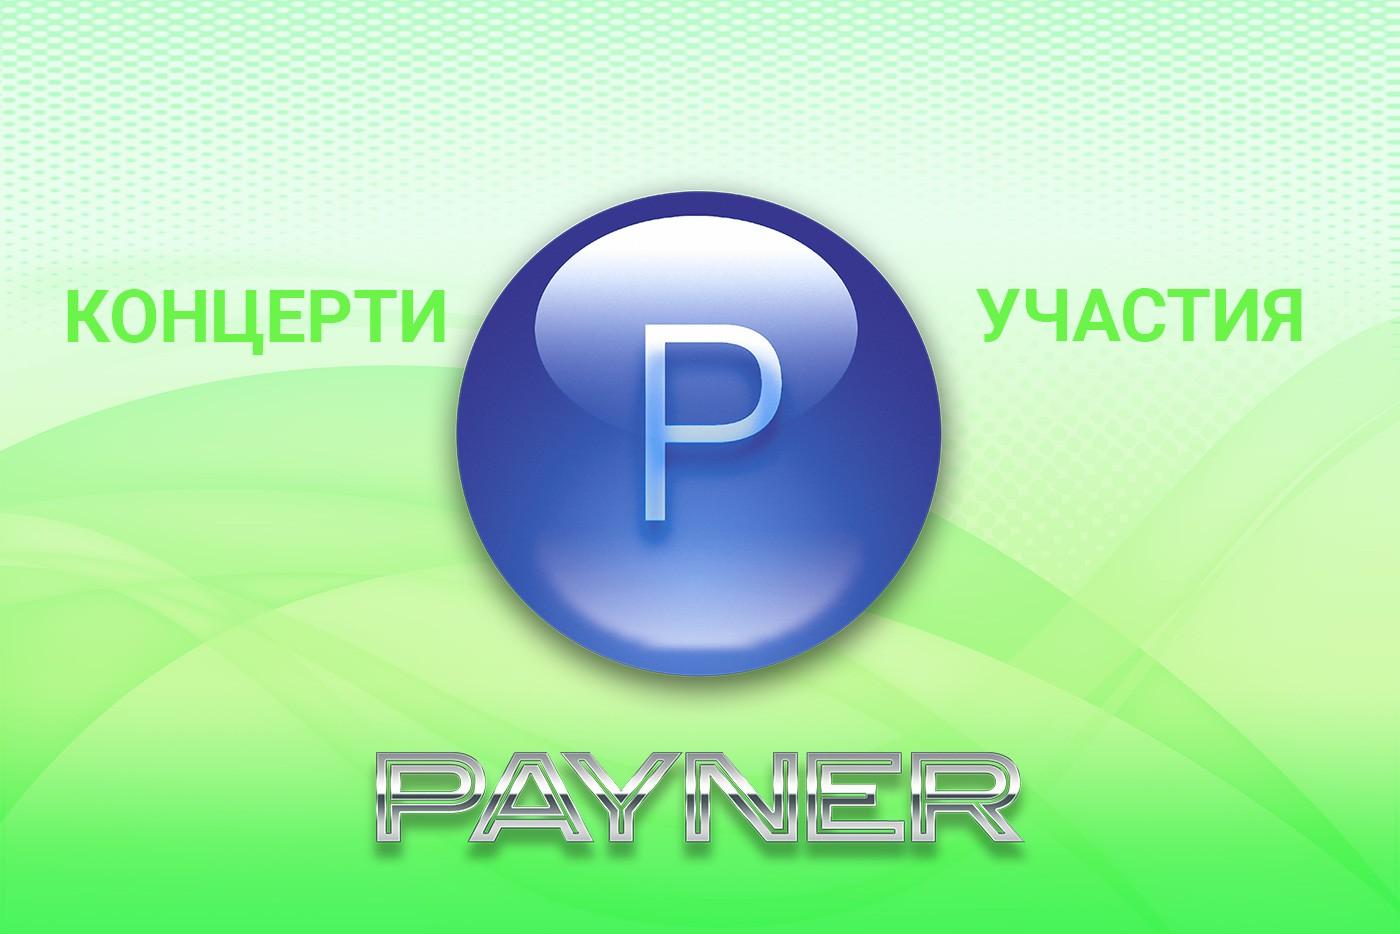 """Участия на звездите на """"Пайнер"""" на 30.05.2019"""